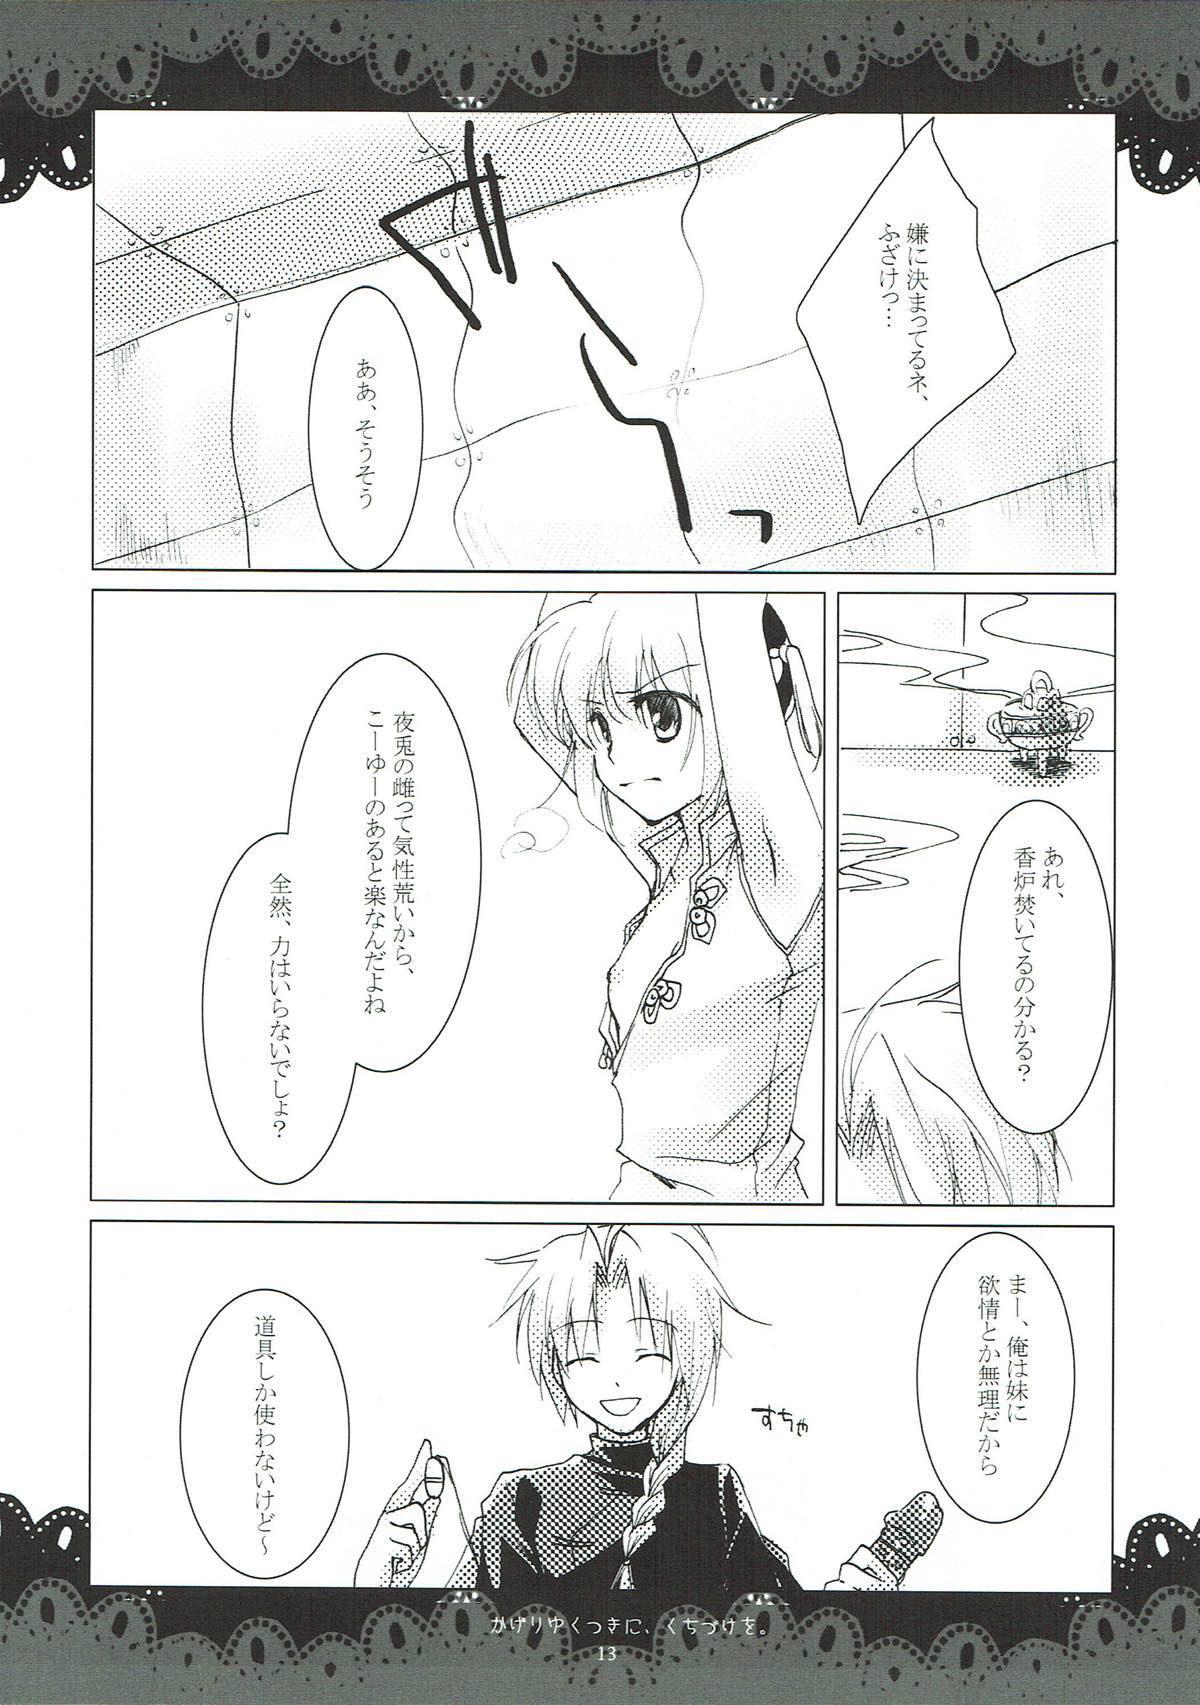 Kageriyuku Tsuki ni, Kuchizuke o. 10